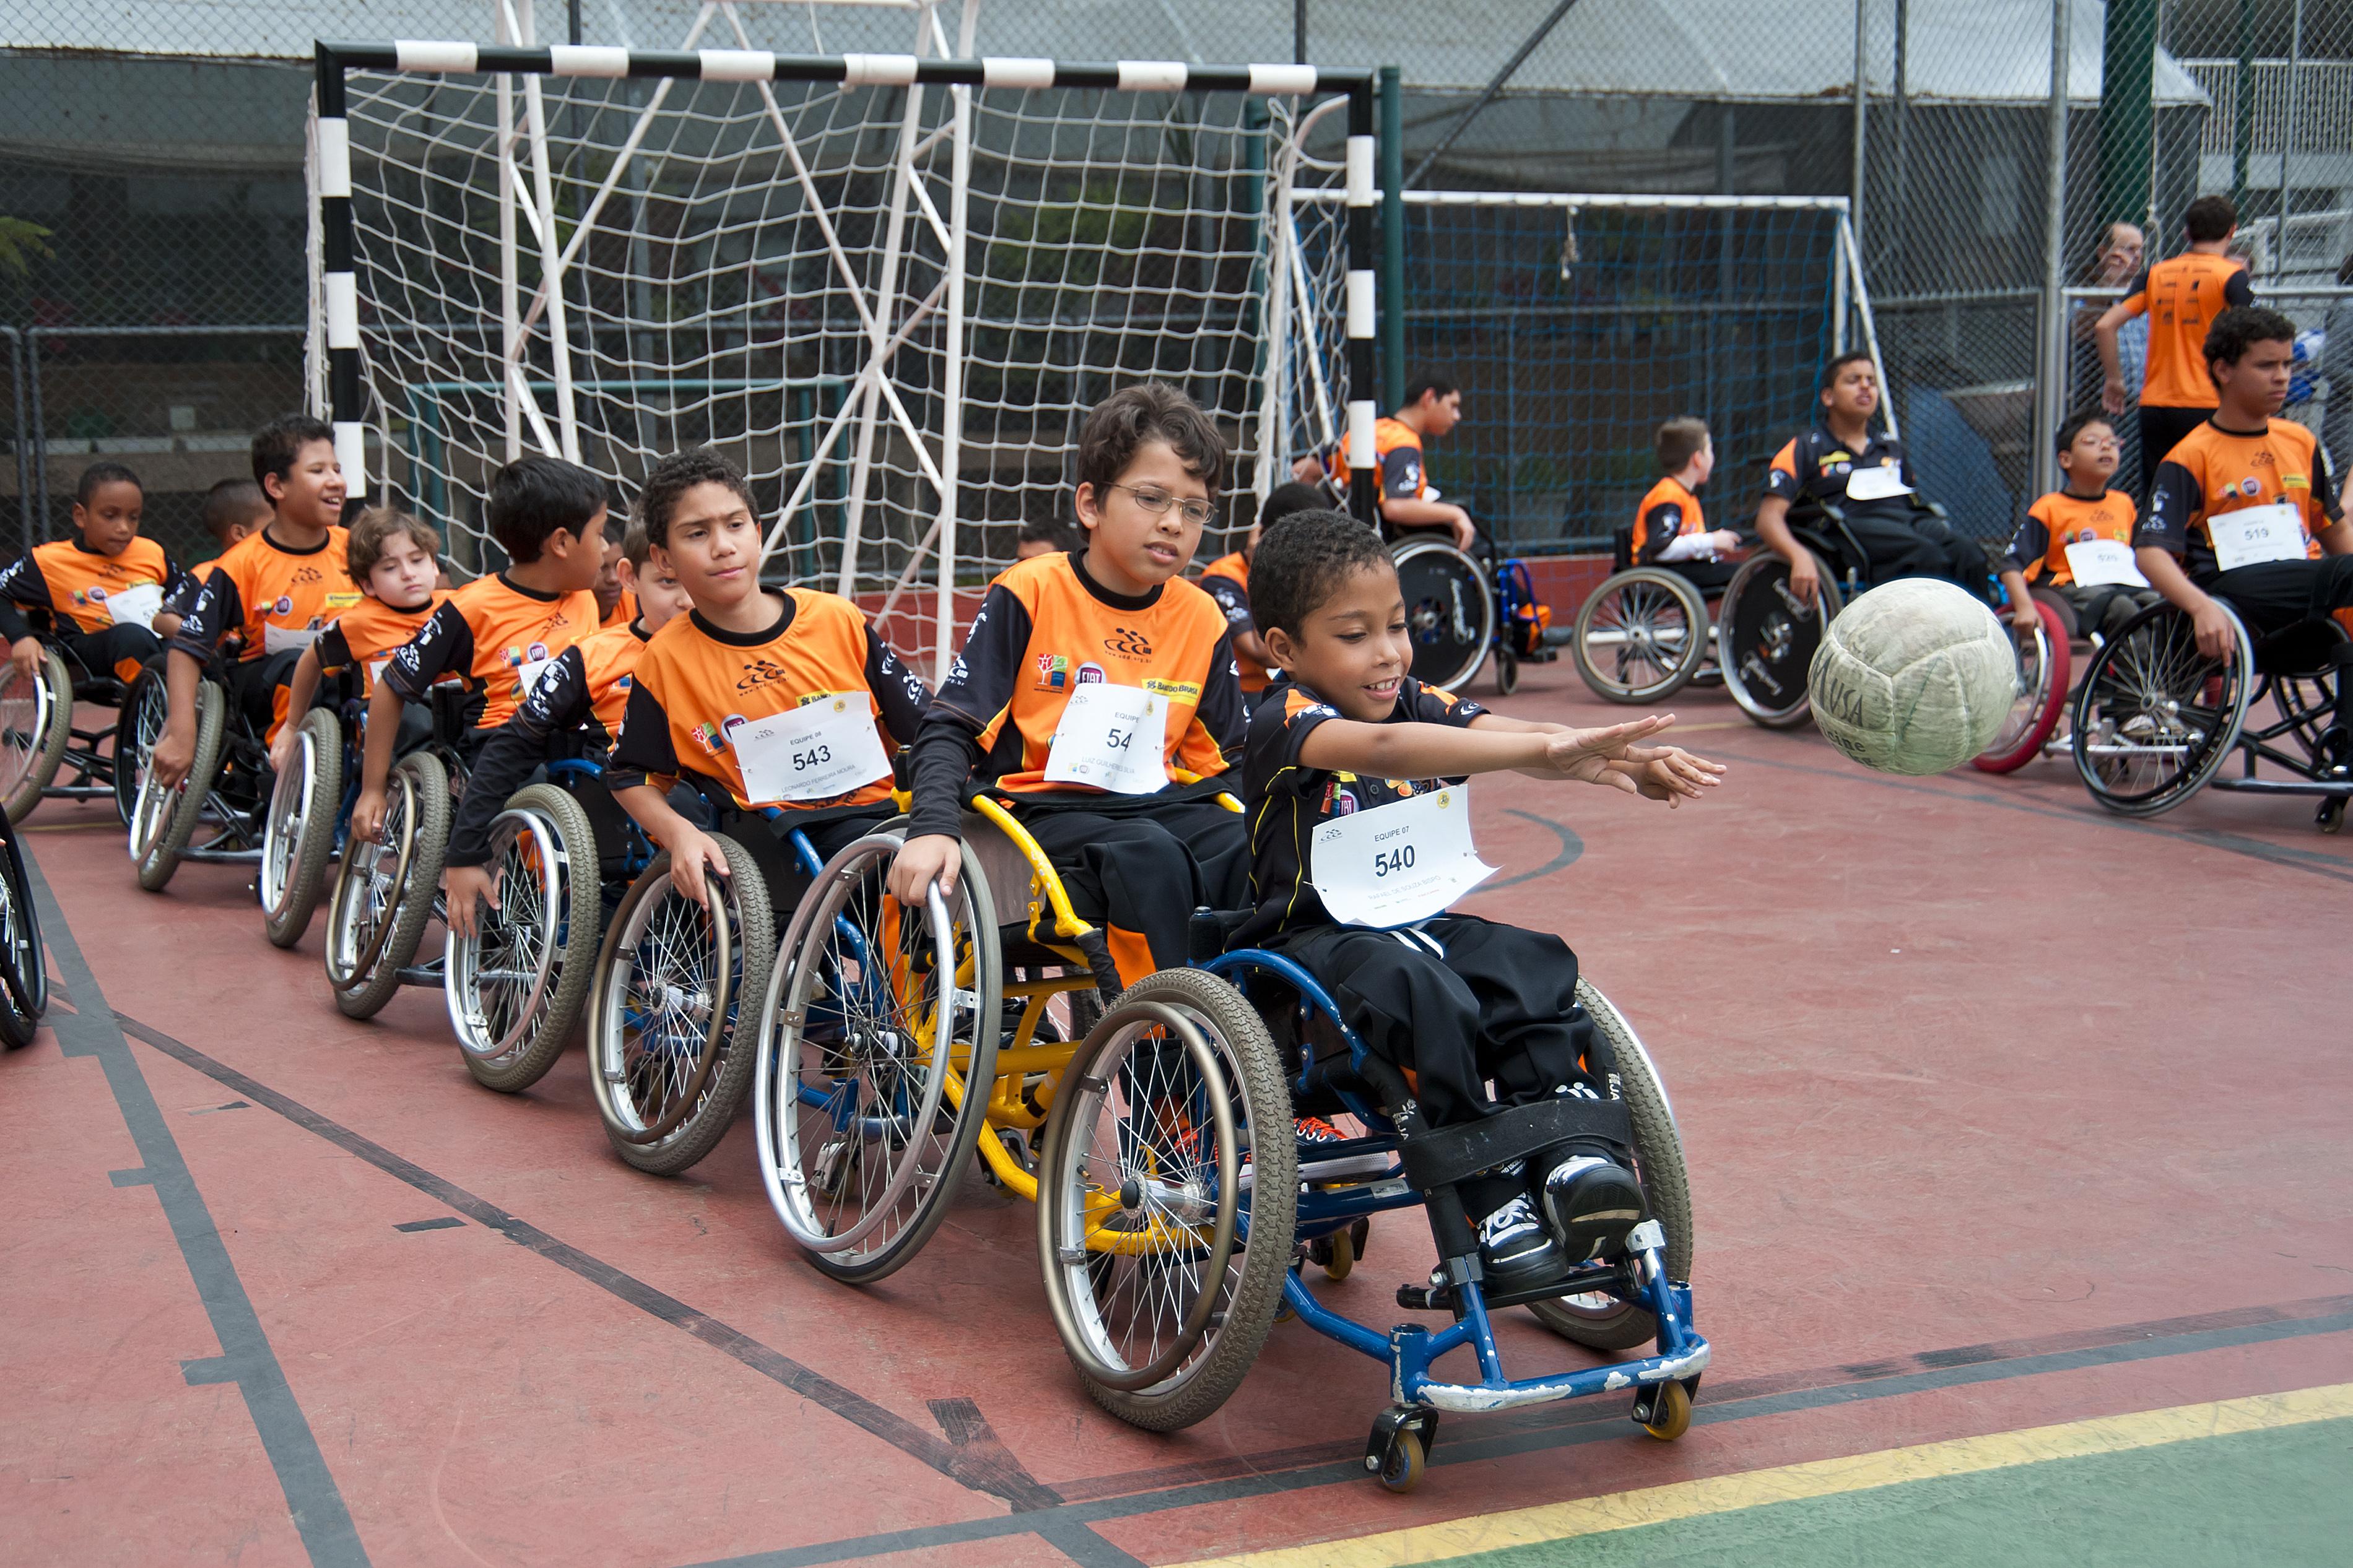 eb25a2d20 Esporte adaptado ajuda pessoa com deficiência a resgatar autoestima - Foto  Divulgação ADD